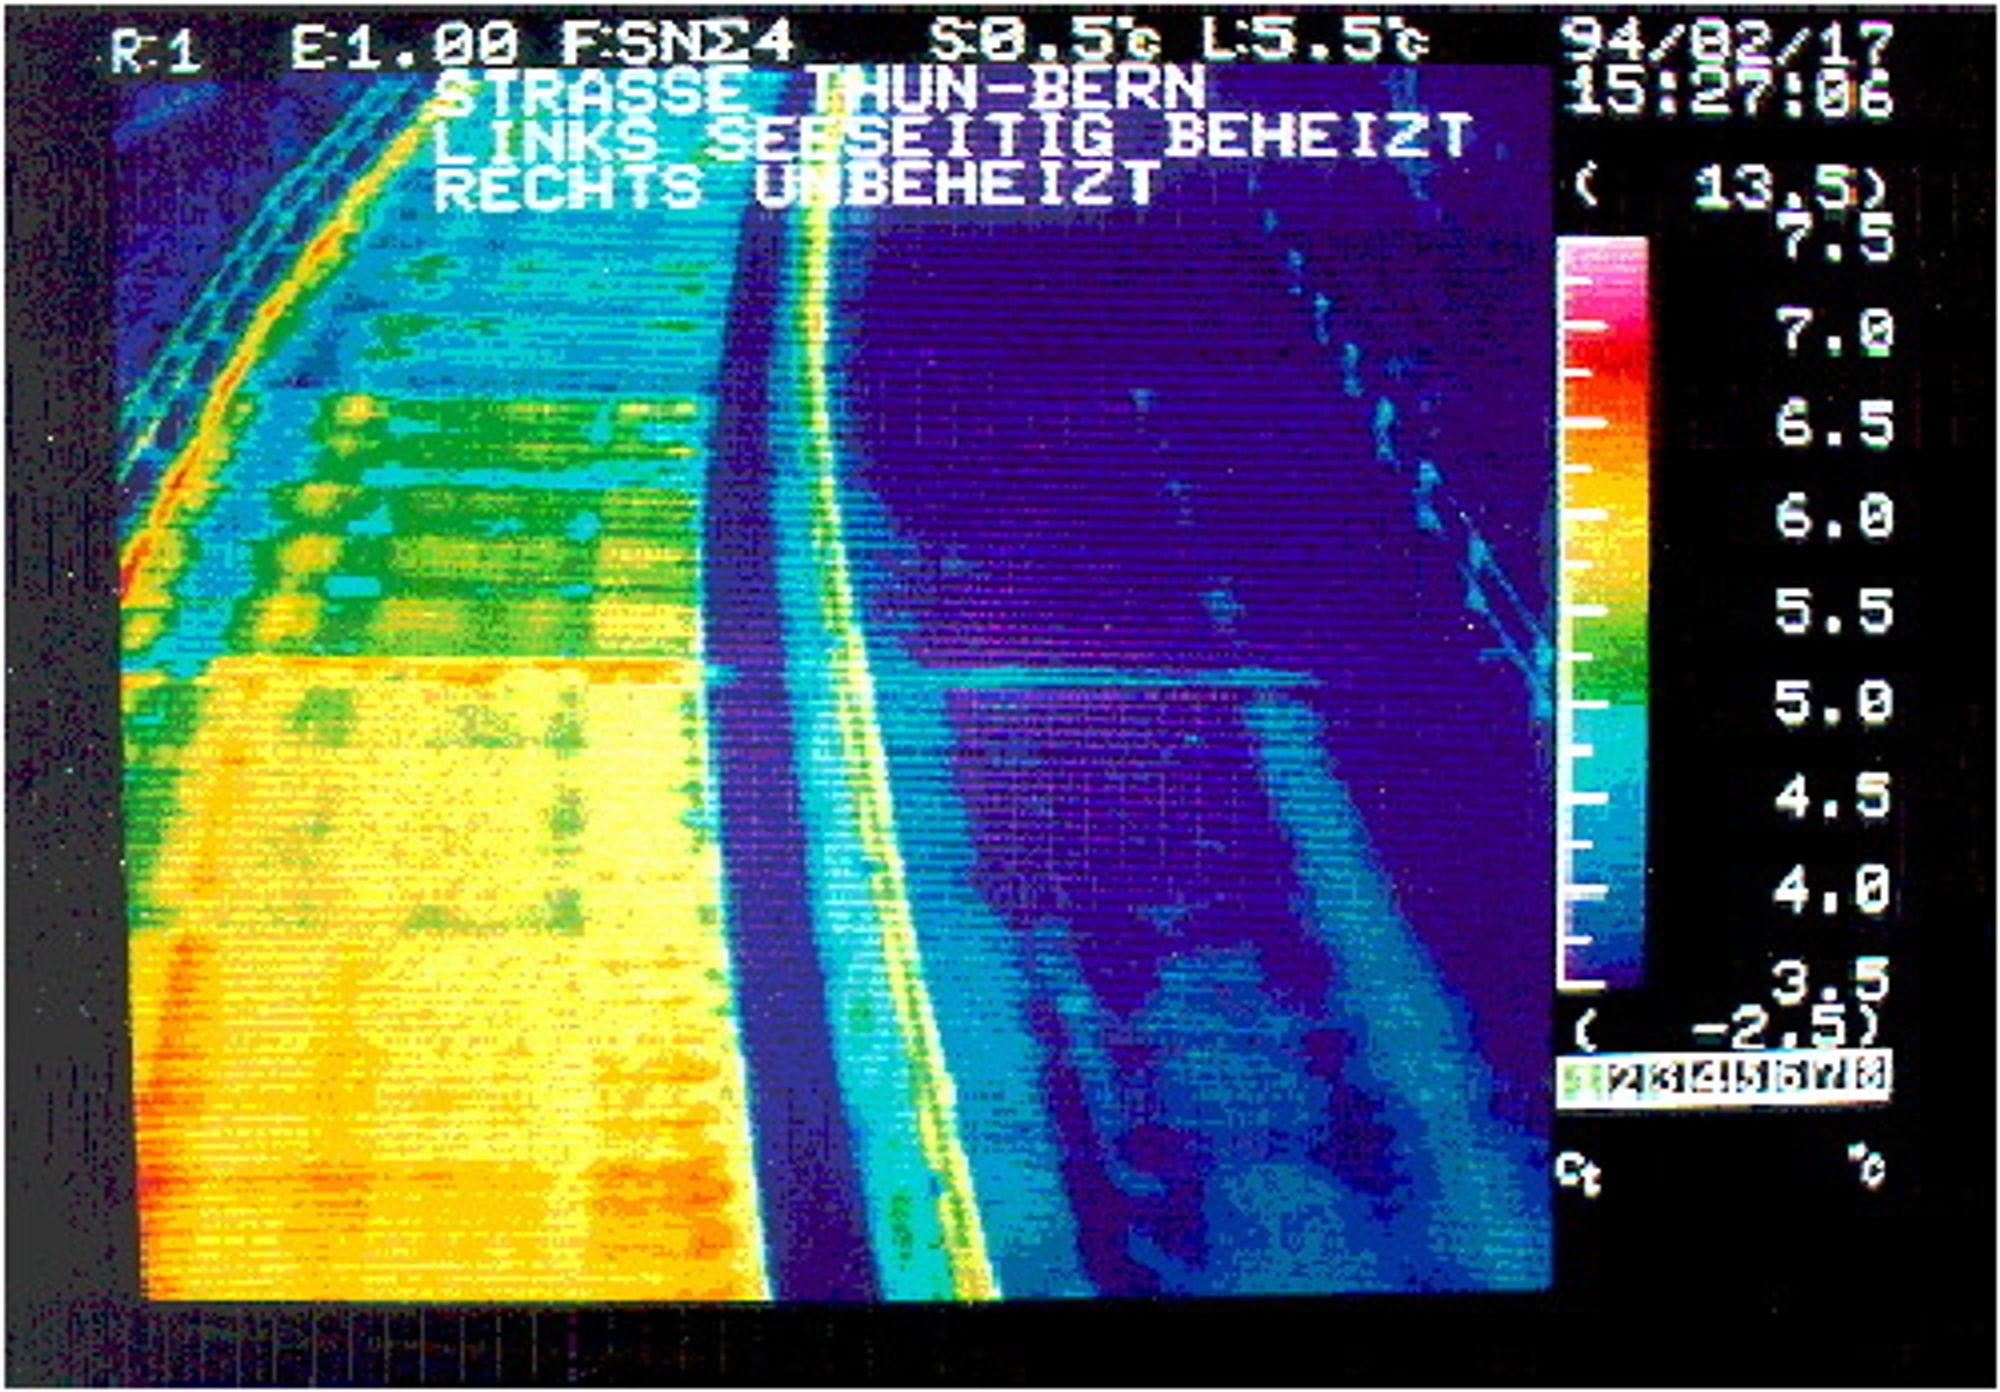 Et infrarødt bilde av den oppvarmede Serso-broen i Sveits.